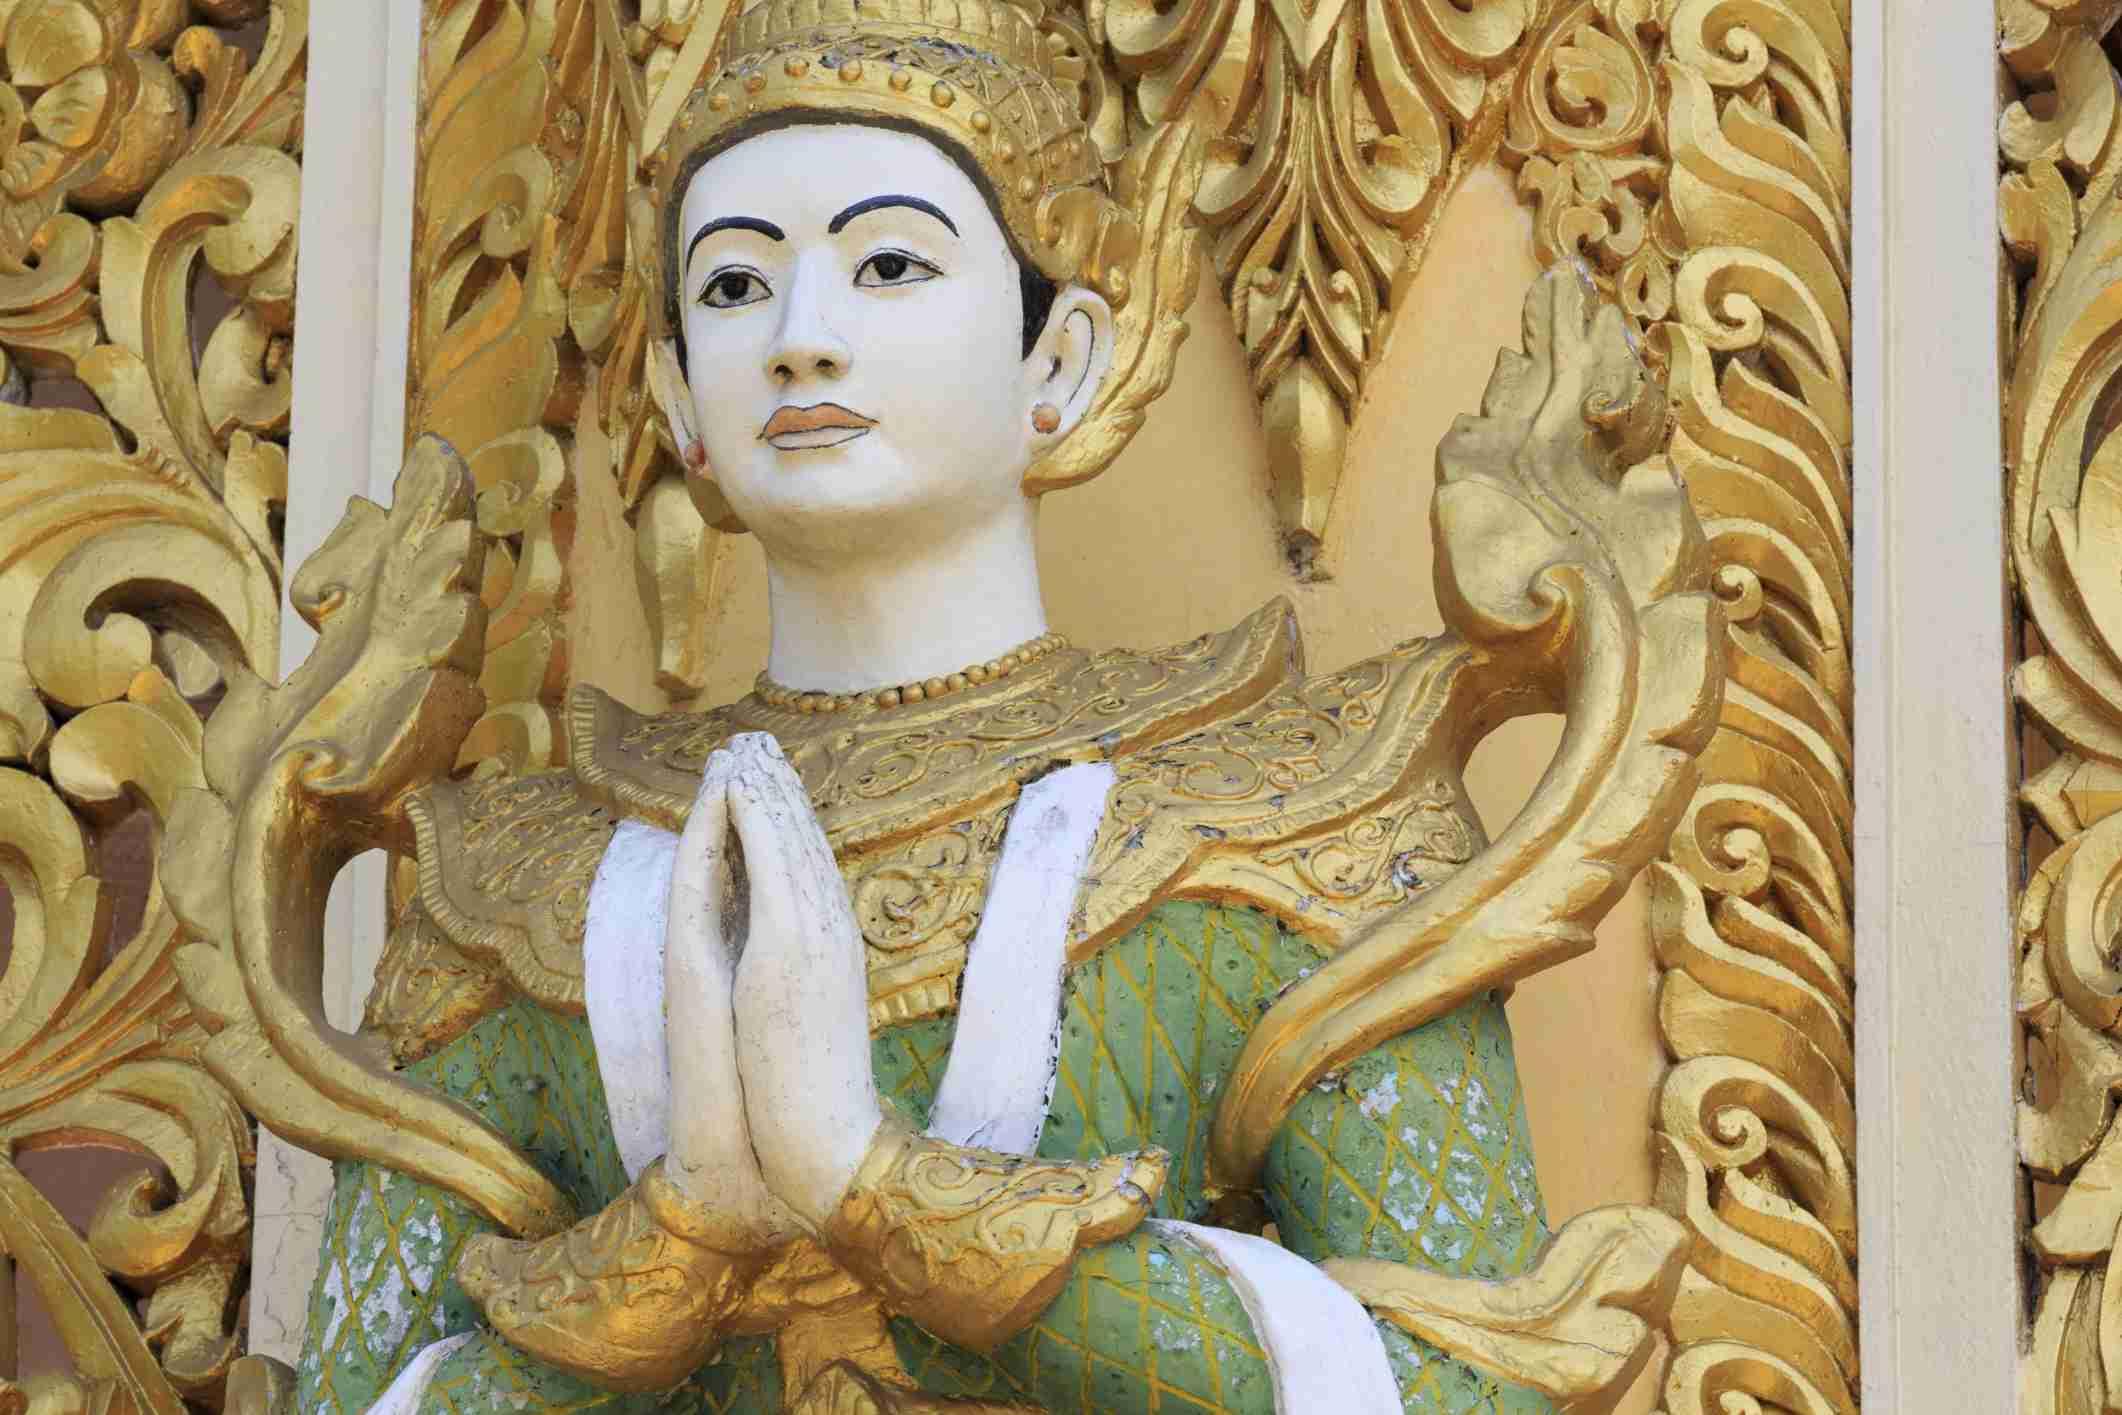 Nat of Burma